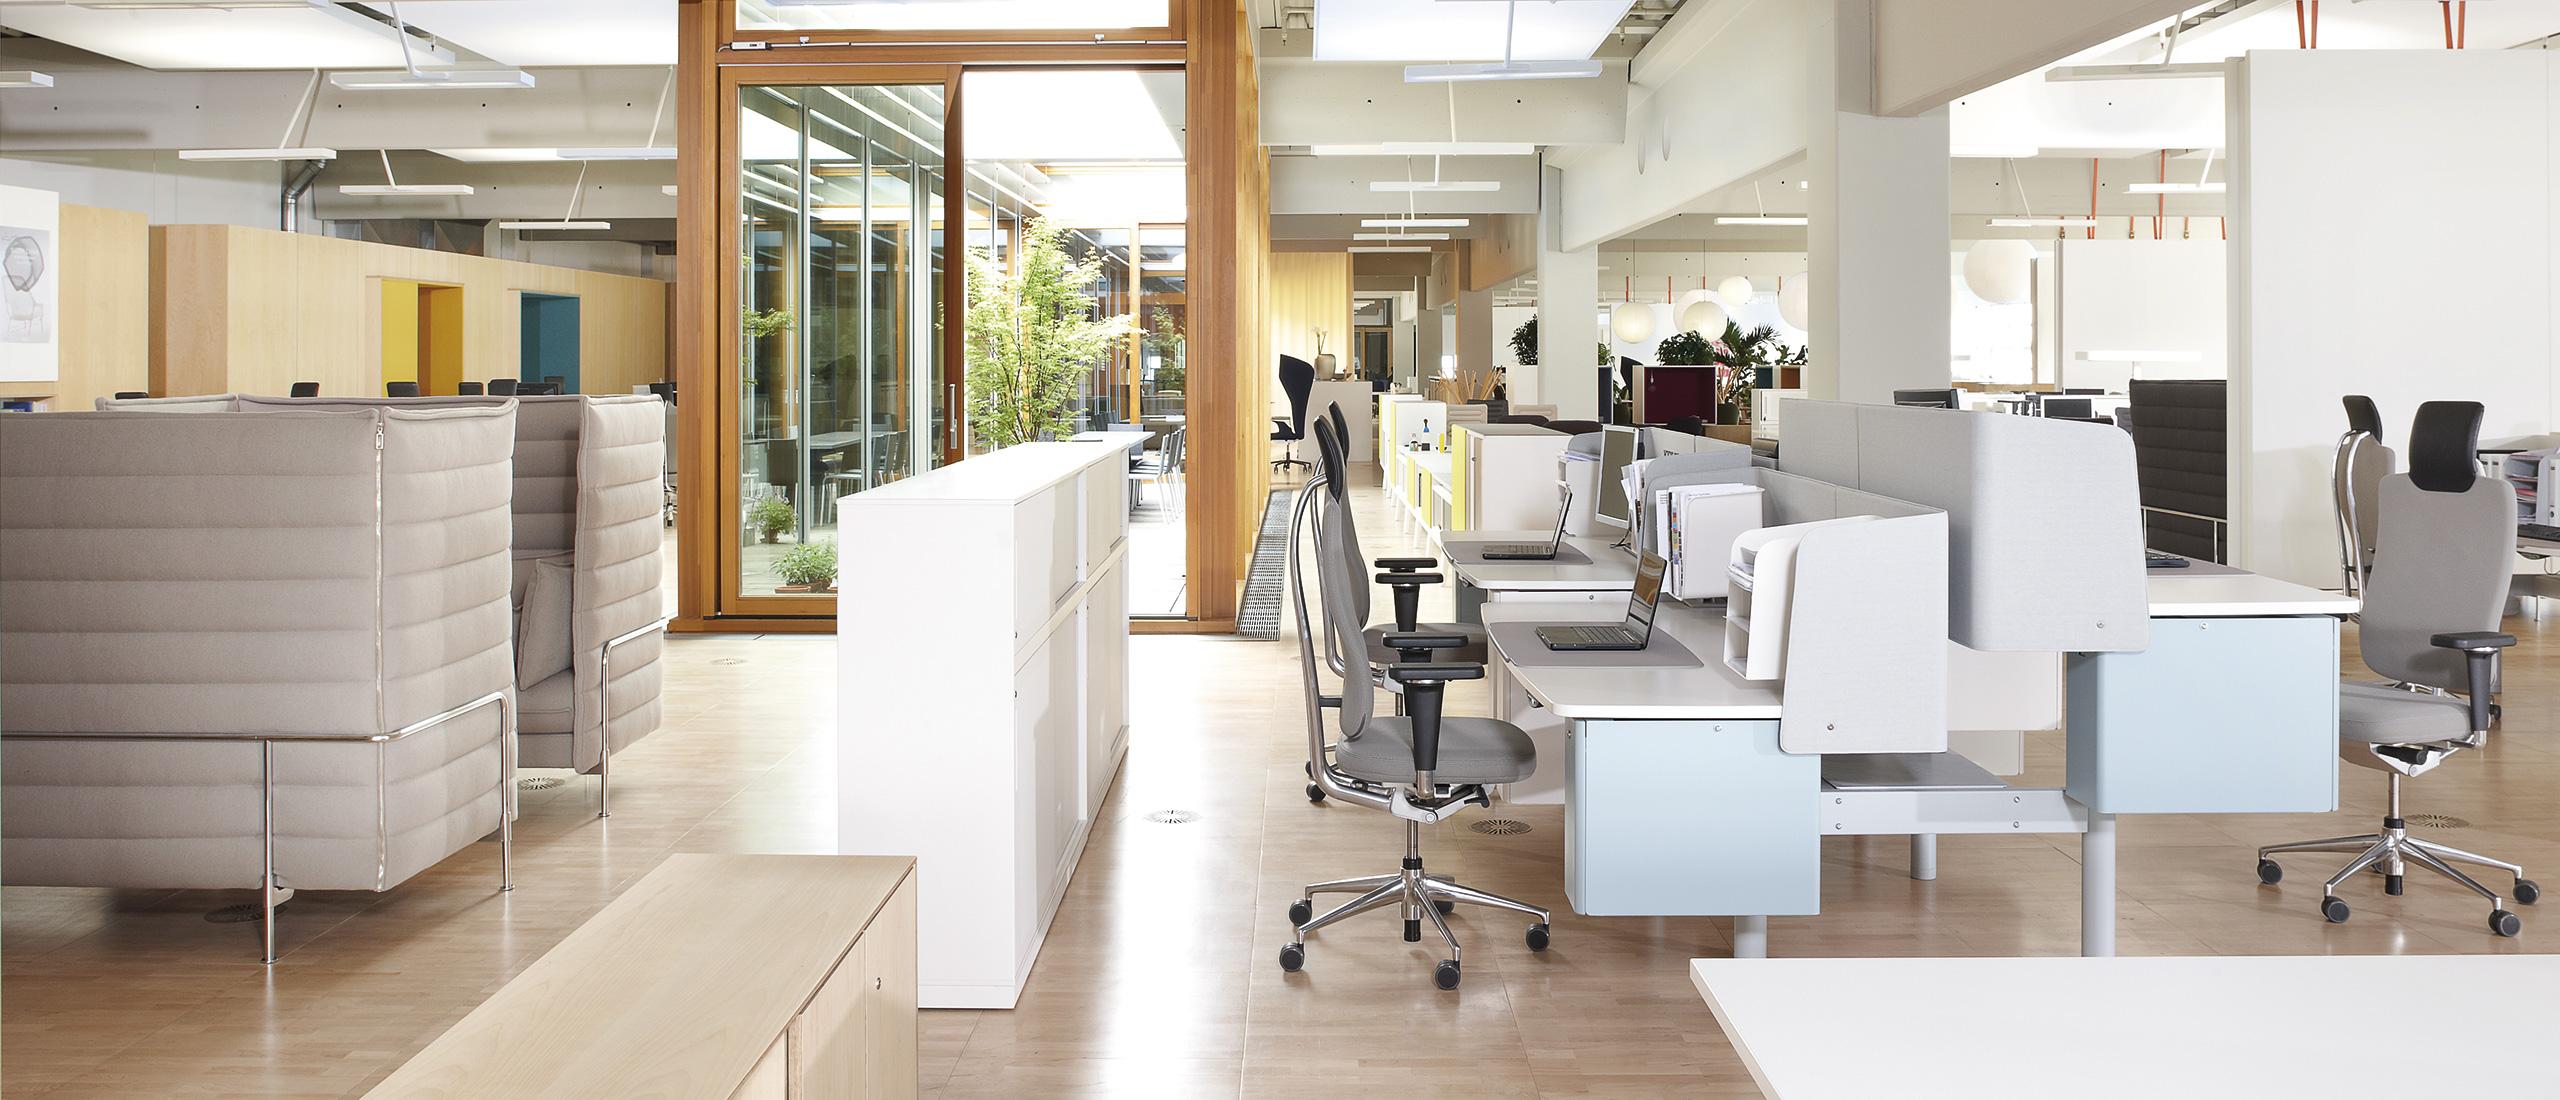 Möbelmanager von Vitra für die Innenarchitektur - Vectorworks